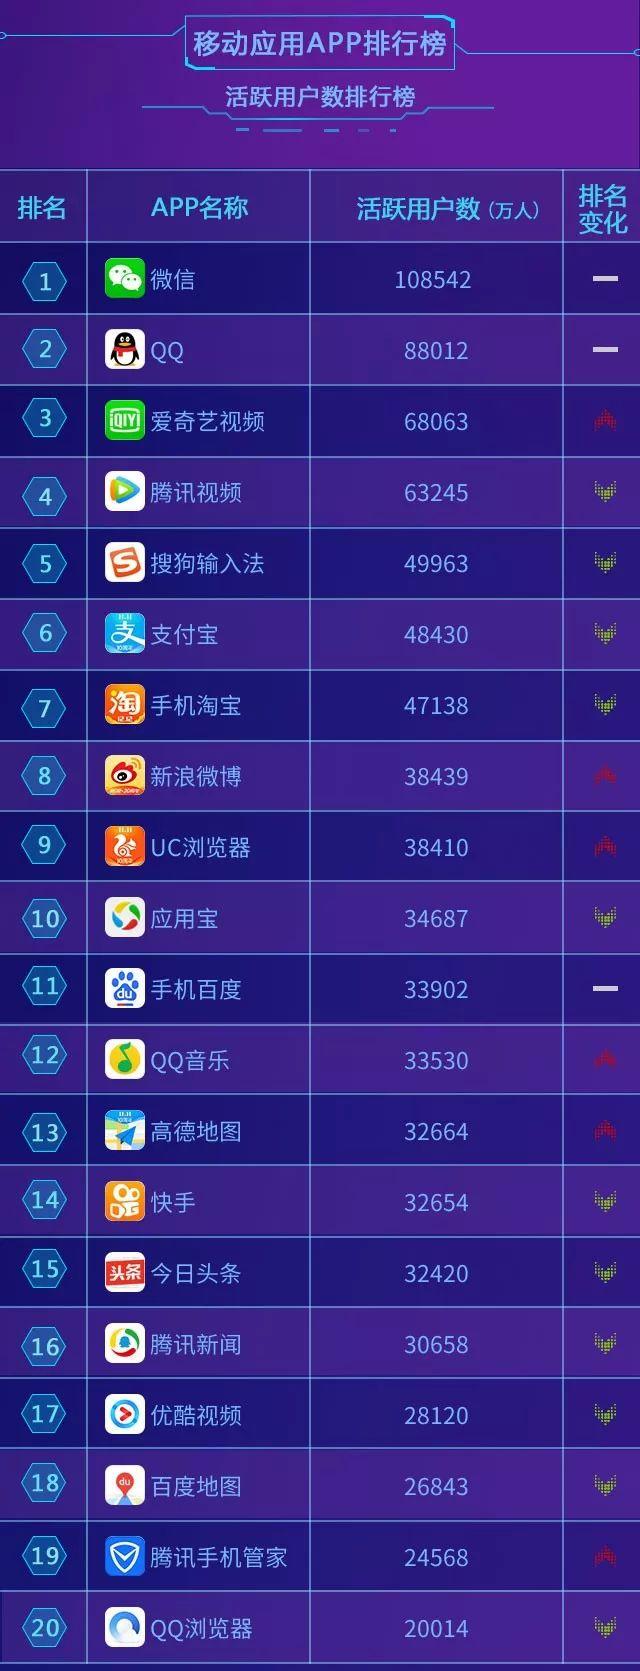 中国联通大数据: 2018年12月移动应用APP排行榜